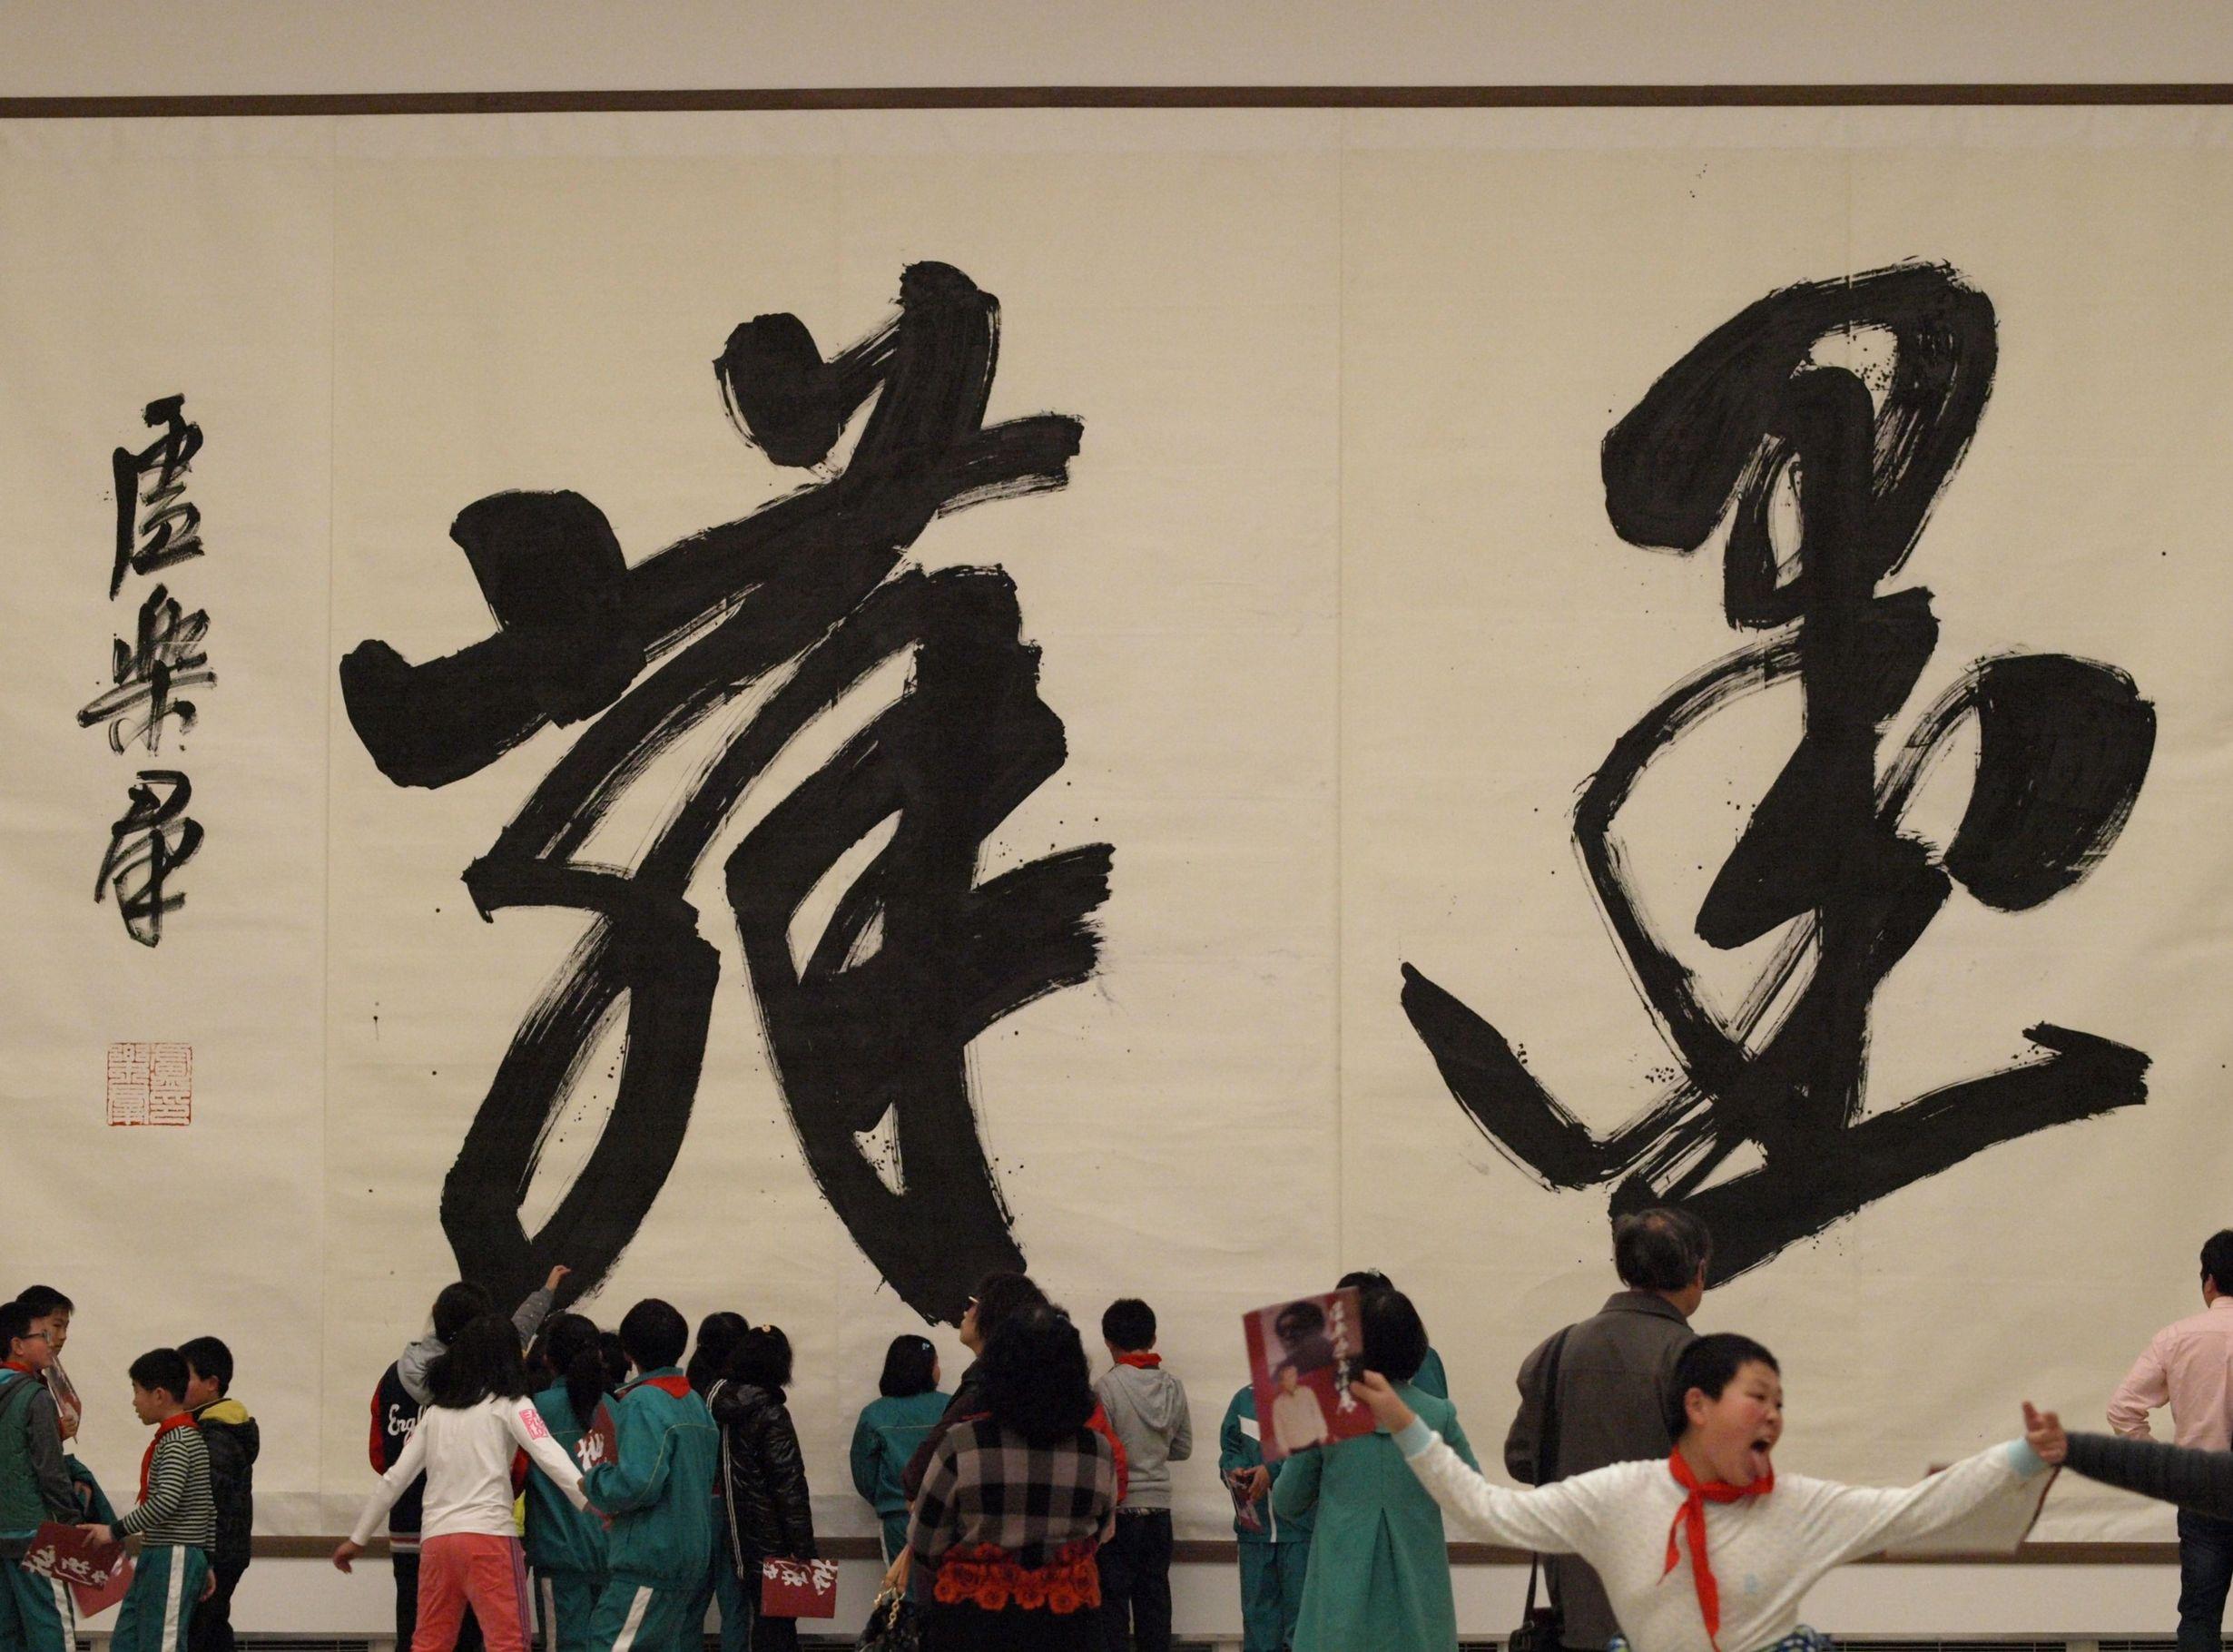 书法绘画 墨舞冬奥 2022年北京冬季奥运会标志是中国书法文化与奥运